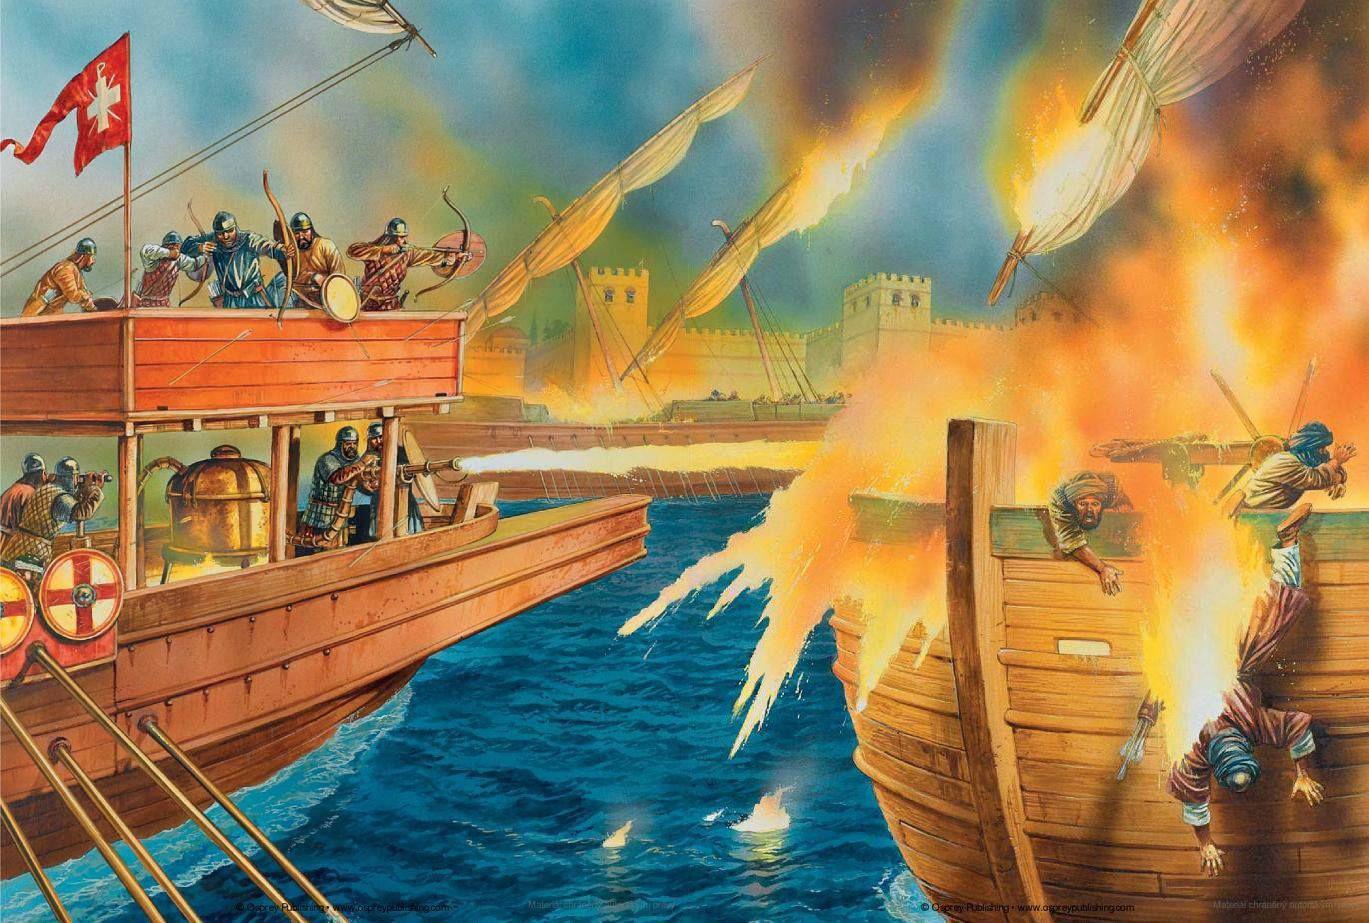 Lửa Hy Lạp – vũ khí hủy diệt tàu chiến trong các cuộc chiến tranh cổ xưa